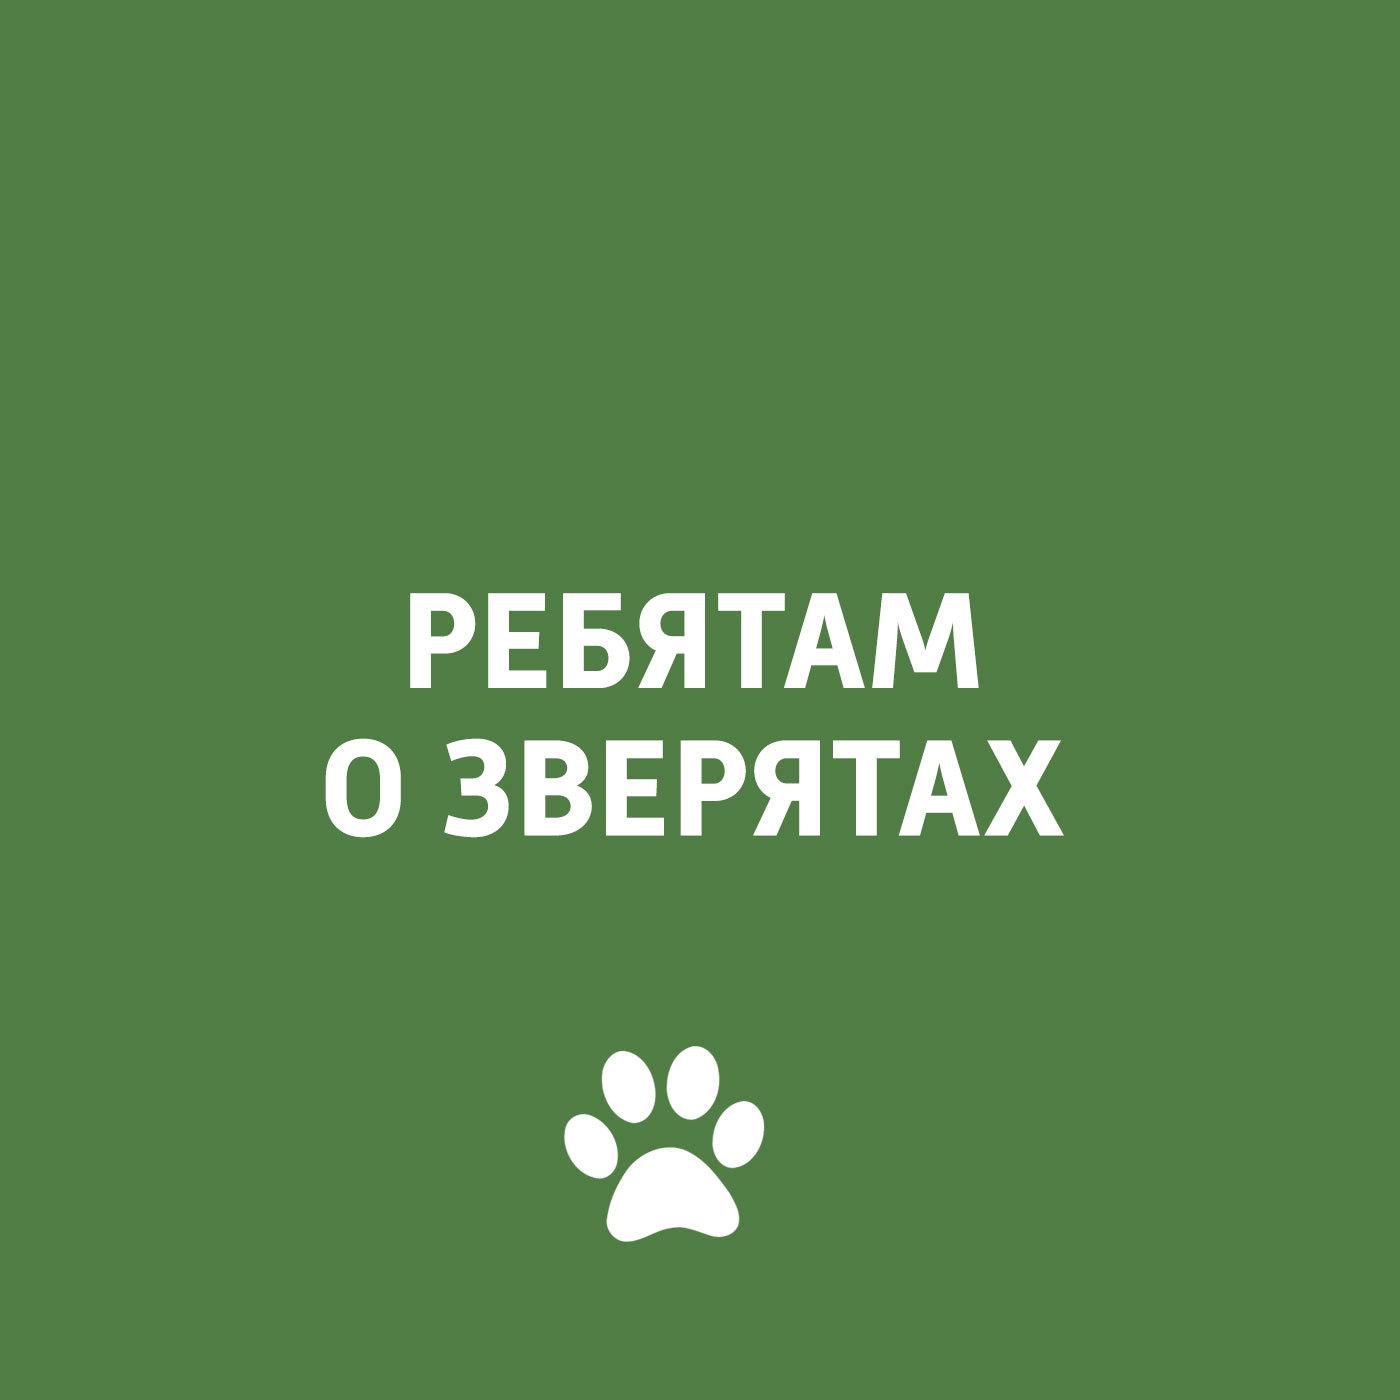 Творческий коллектив программы «Пора домой» Экзотические животные в домашних условиях пётр фадеев ветеринар герпетолог